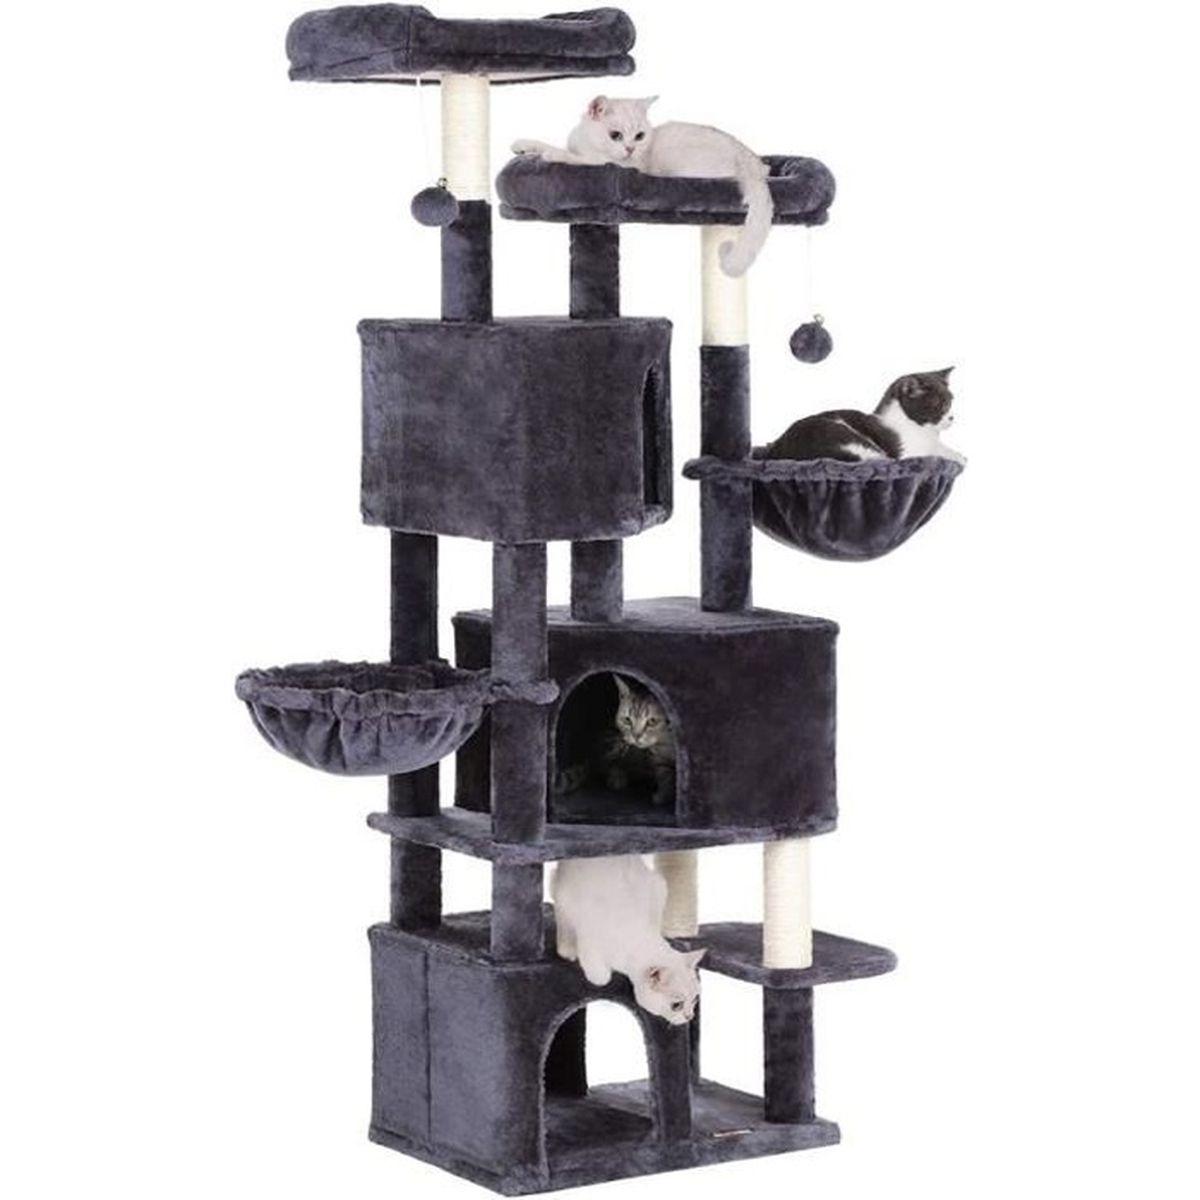 Arbre A Chat A Faire Maison feandrea arbre à chat, hauteur de 164 cm, avec 3 niches, 2